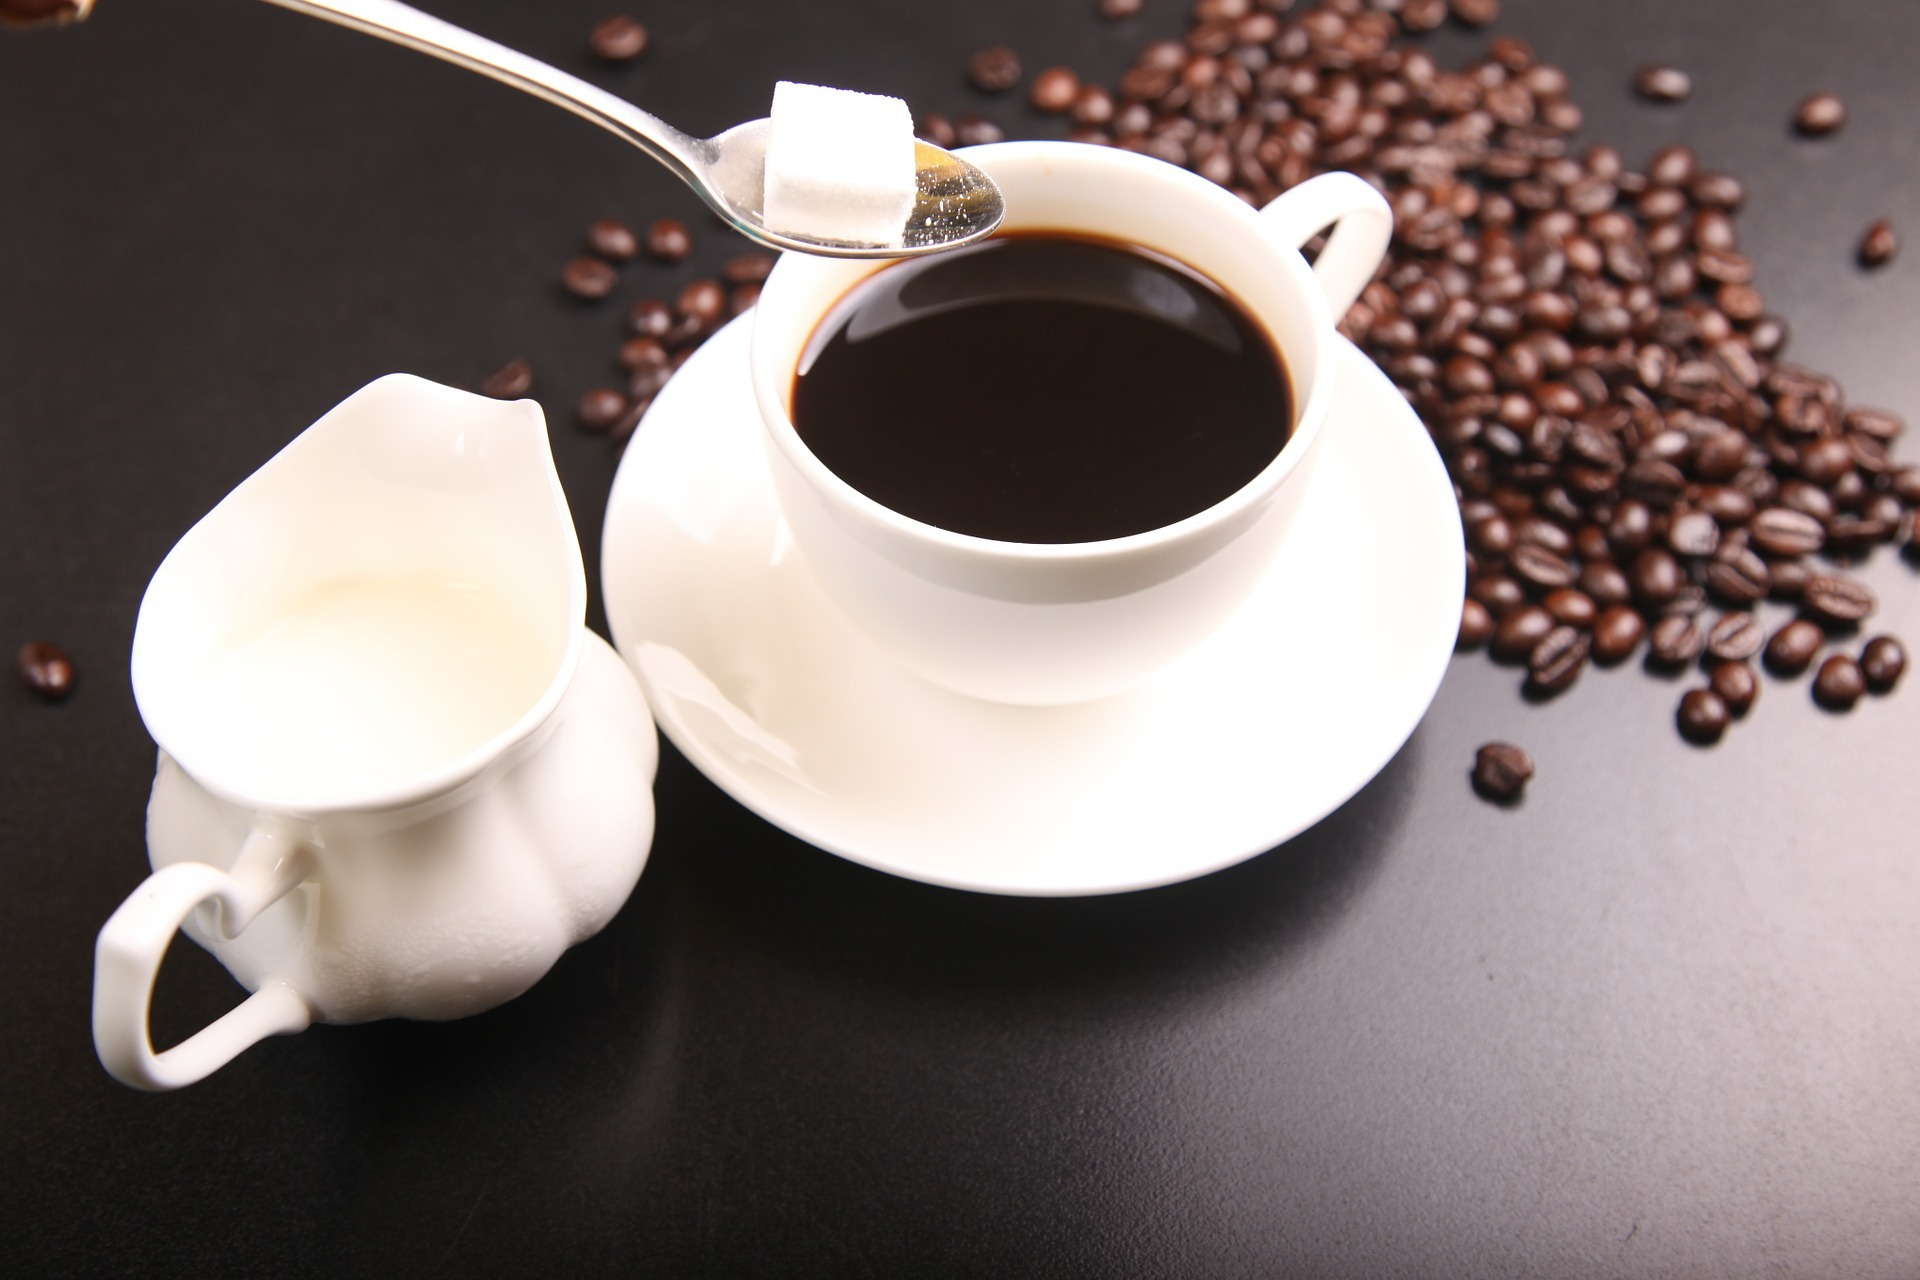 虧損近40億台幣,中國「咖啡獨角獸」真能打敗星巴克?